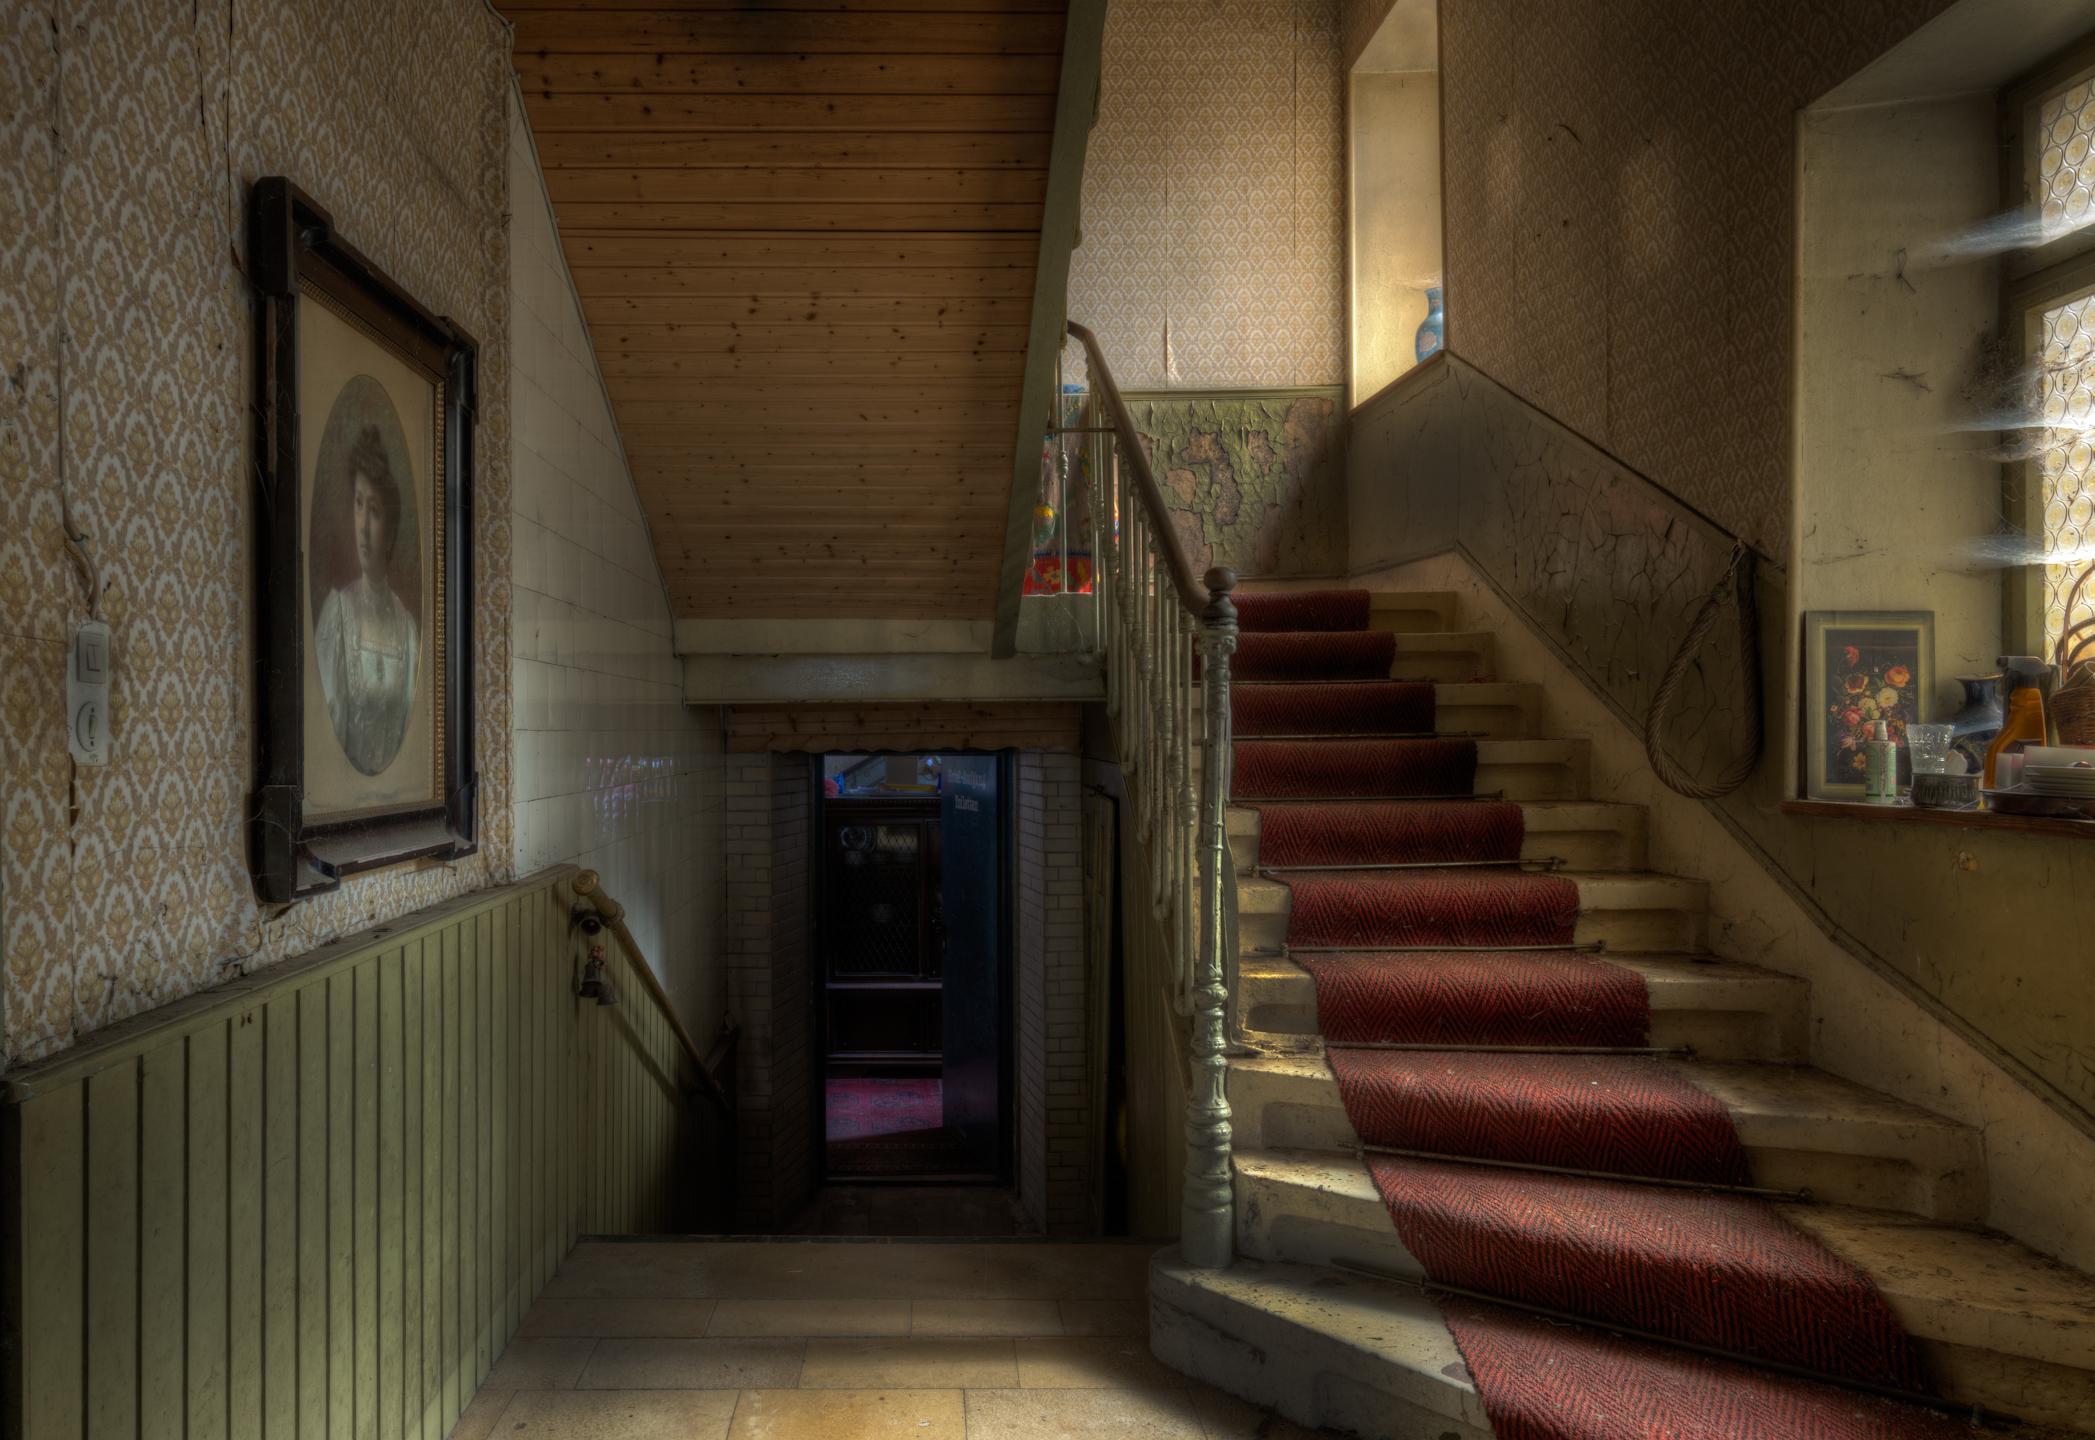 Innenarchitektur Halle hintergrundbilder treppe die architektur innenarchitektur holz